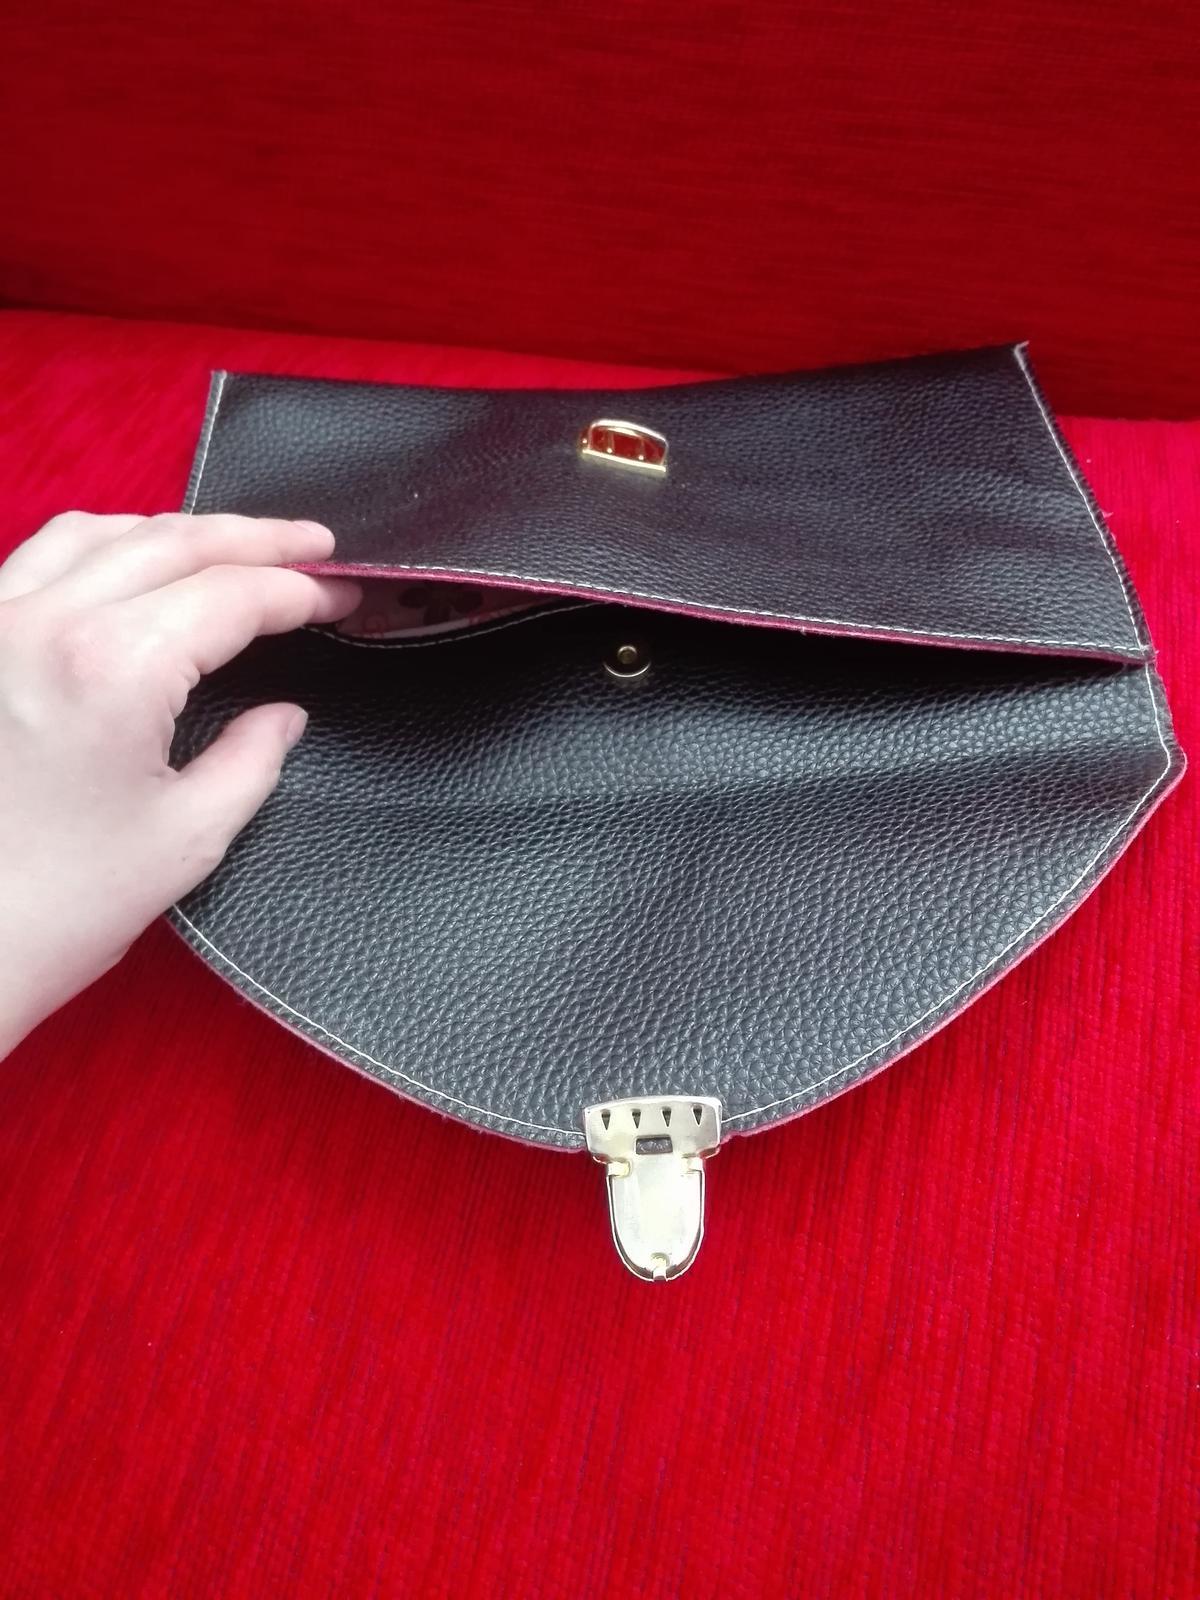 Čierna listová kabelka - Obrázok č. 3